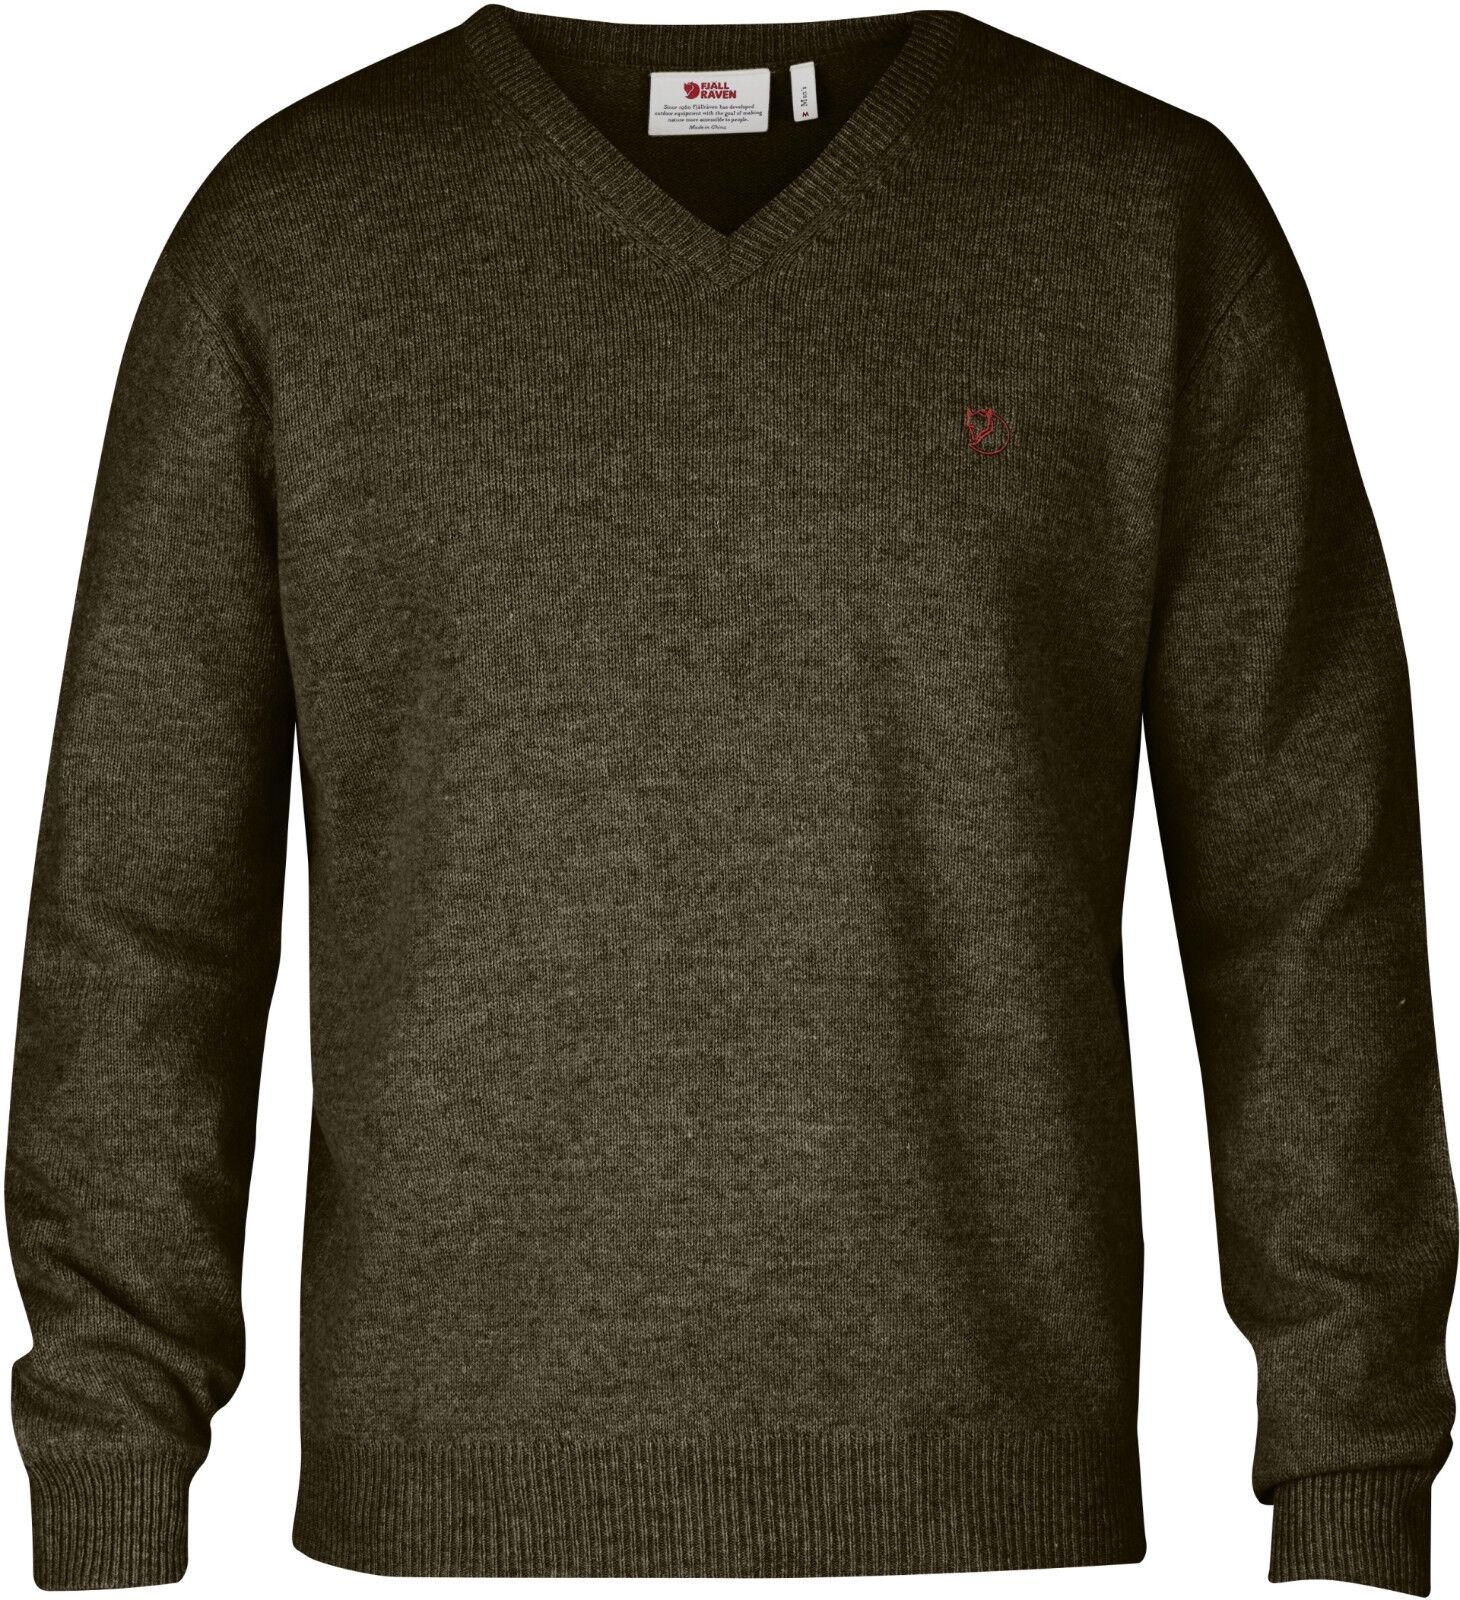 Fjällräven Shepparton Sweater 80092 Dark verde oliva señores V suéter jersey de punto